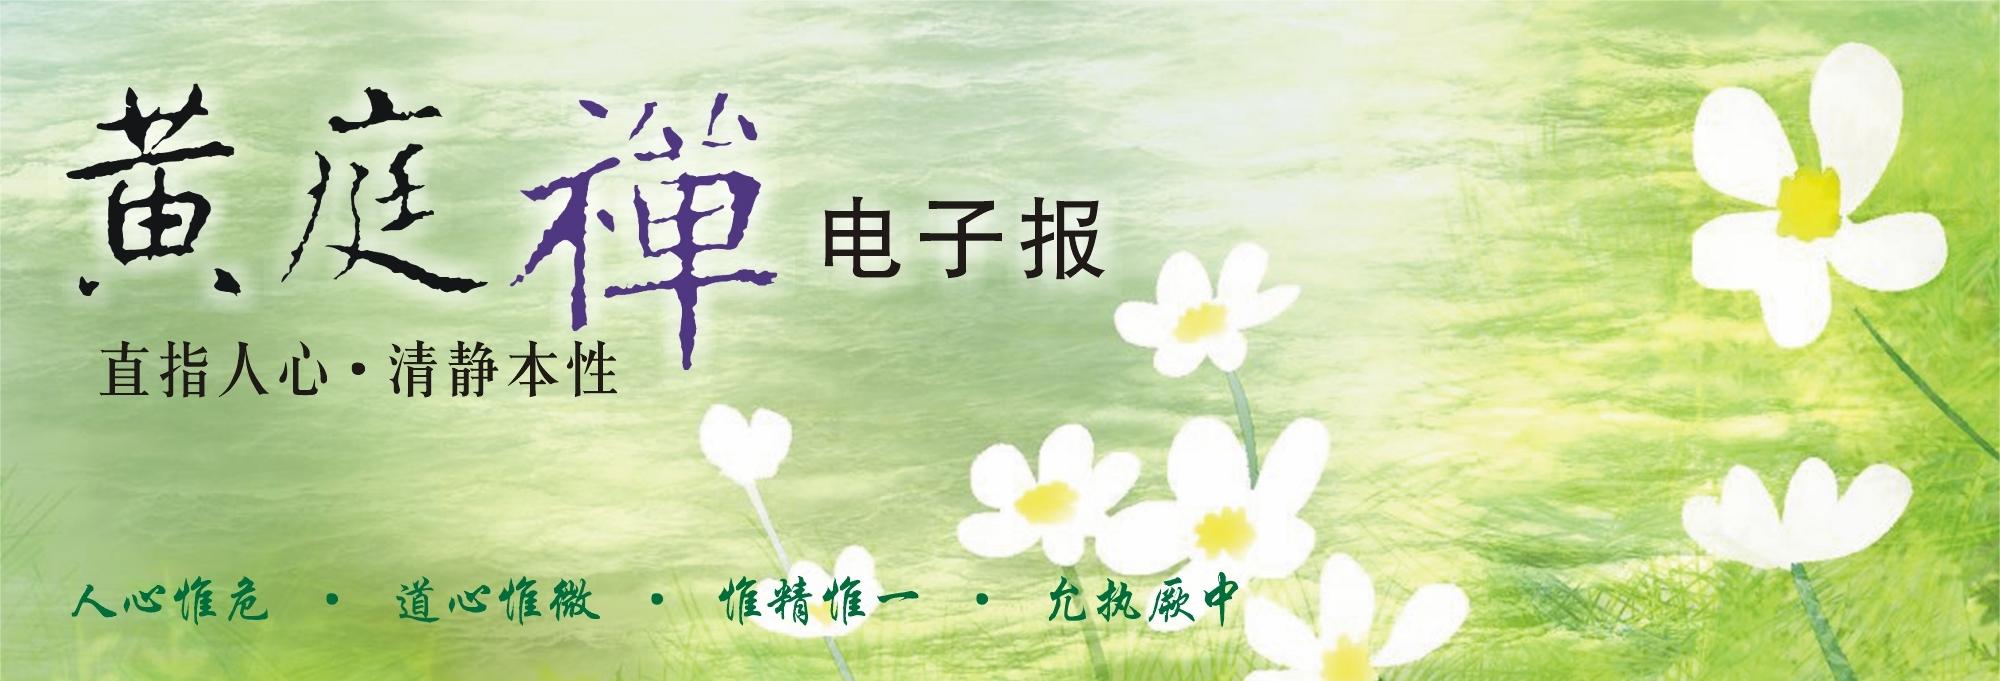 中华黄庭禅学会2019.04.11电子报